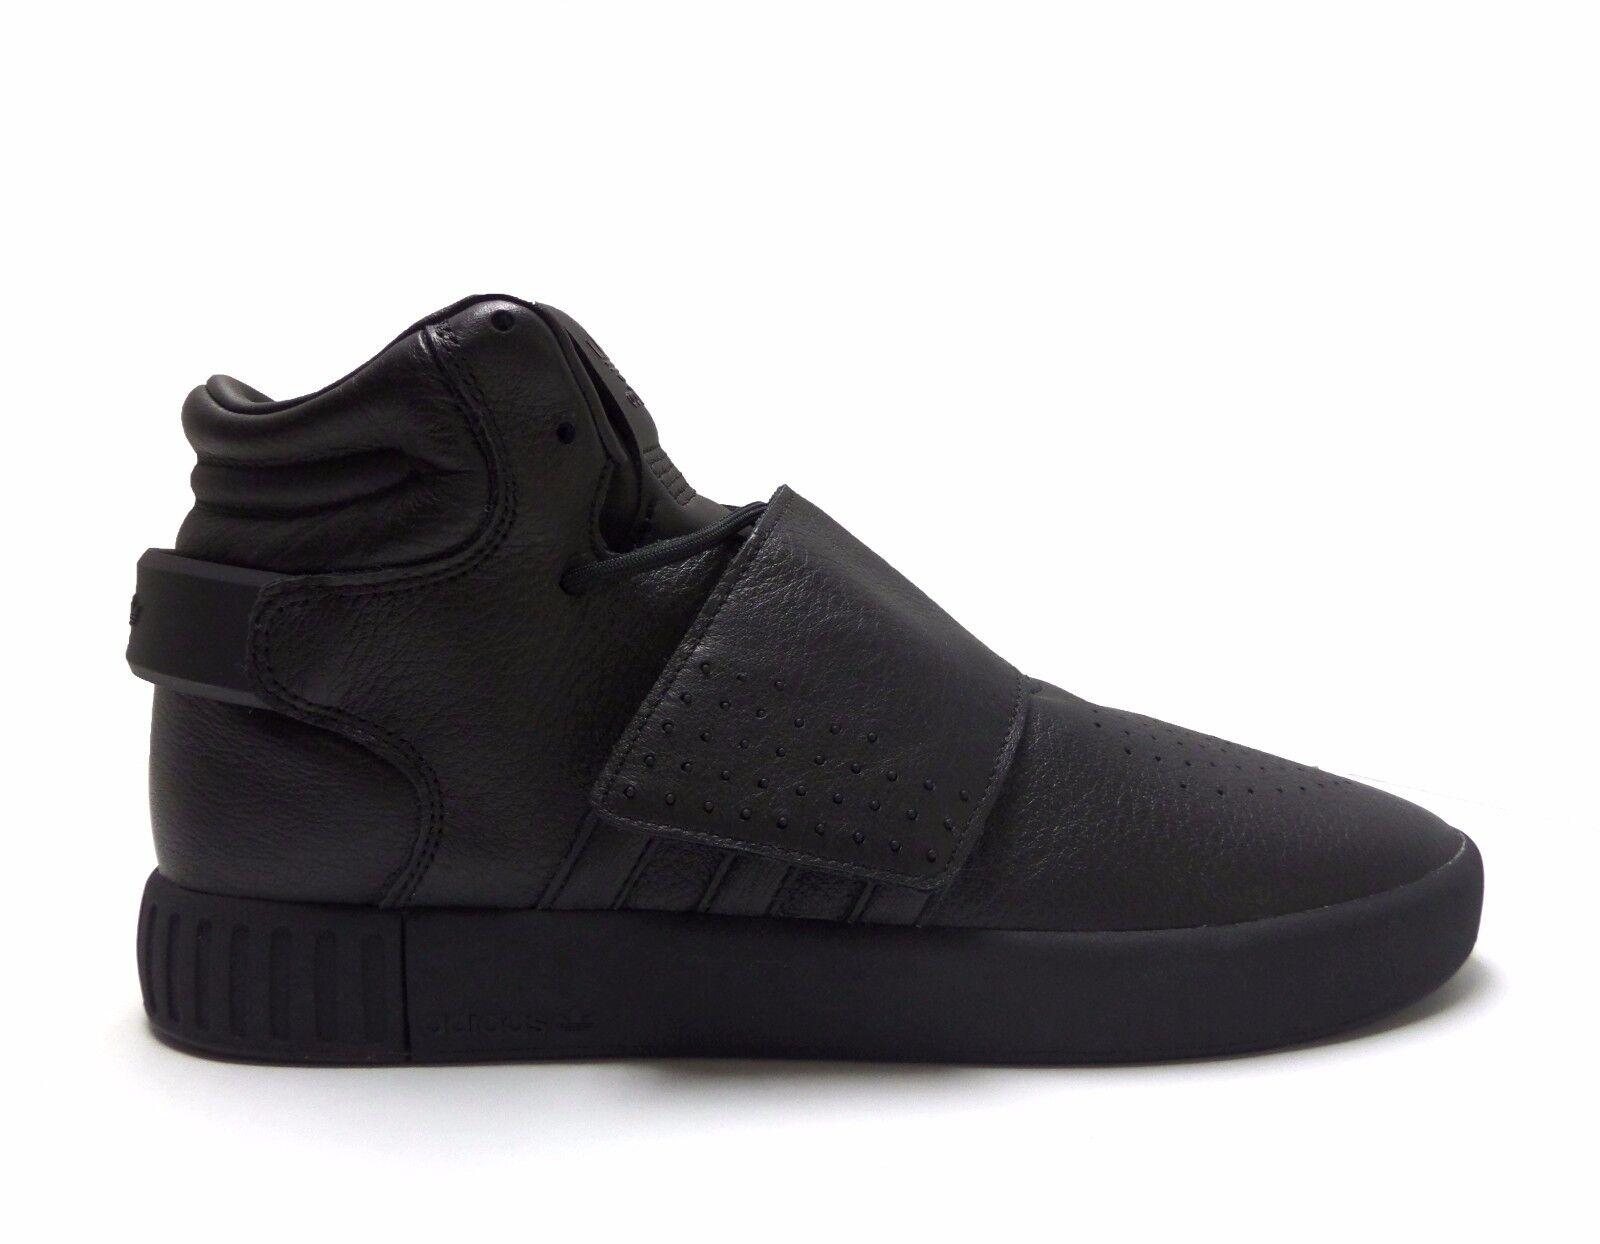 Adidas originali degli uomini - scarpe neri bw0871 un invasore tubulare